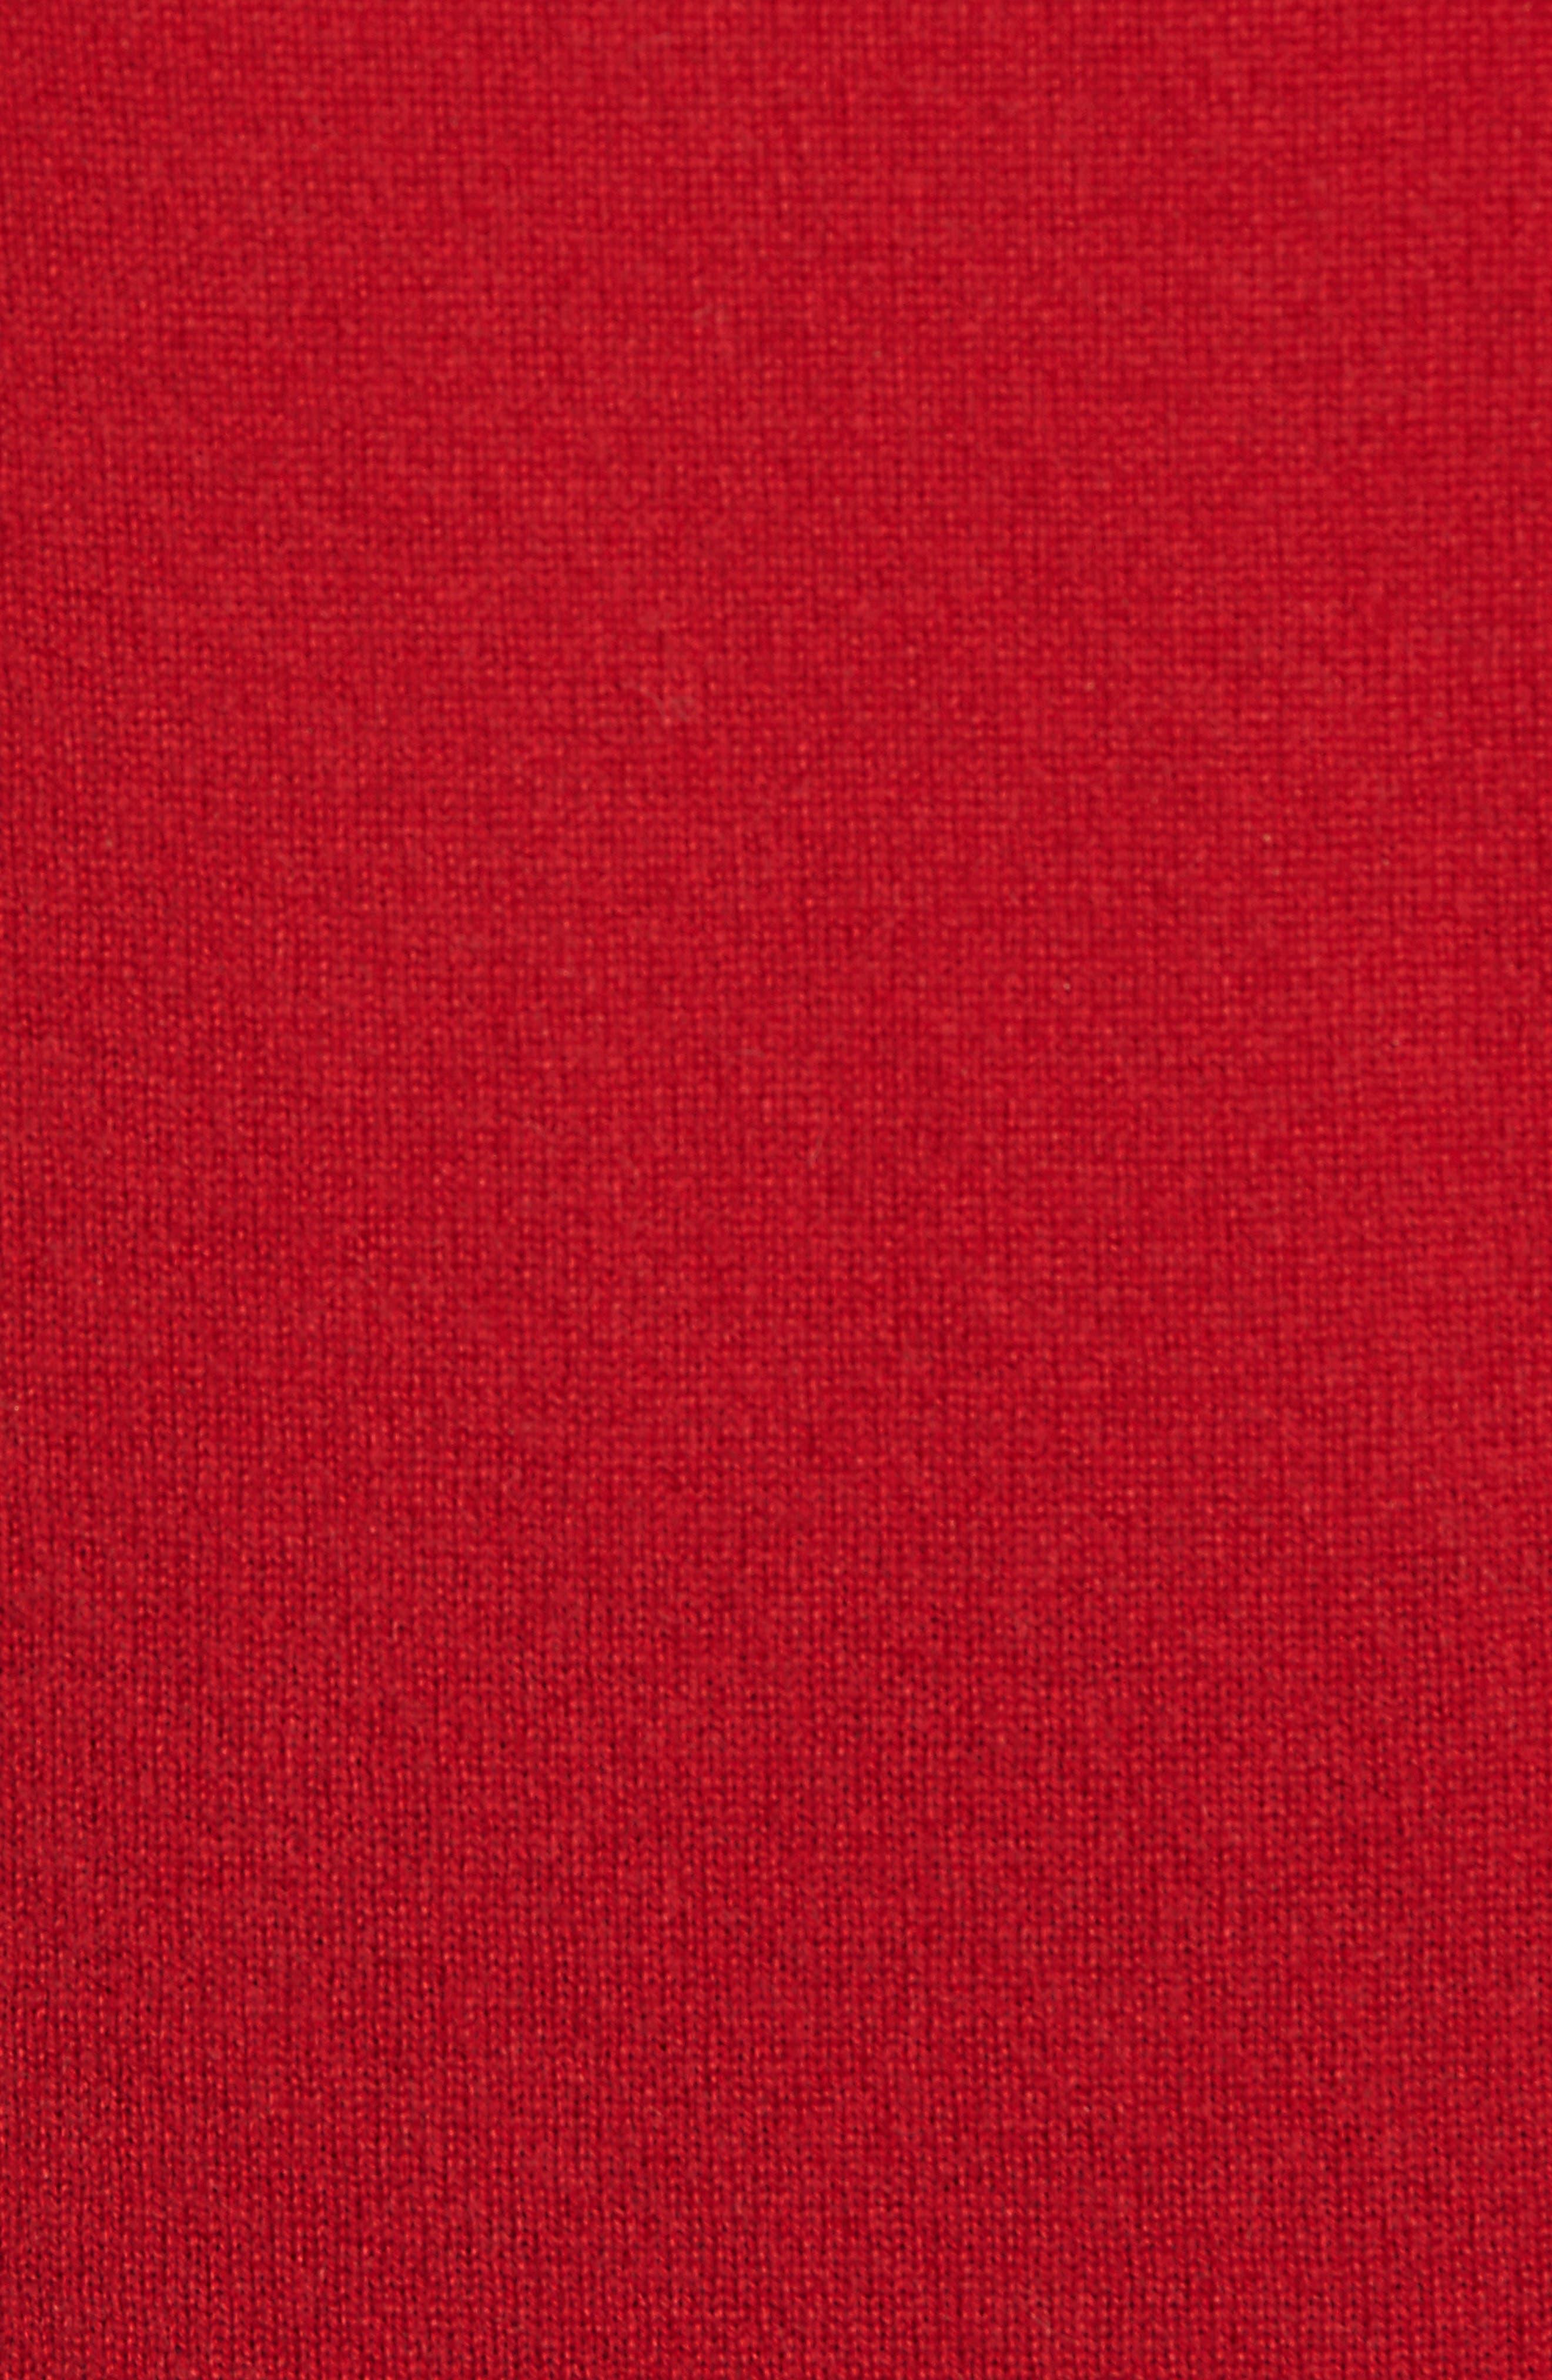 VELVET BY GRAHAM & SPENCER,                             Blouson Sleeve Cashmere Sweater,                             Alternate thumbnail 5, color,                             LIPSTICK